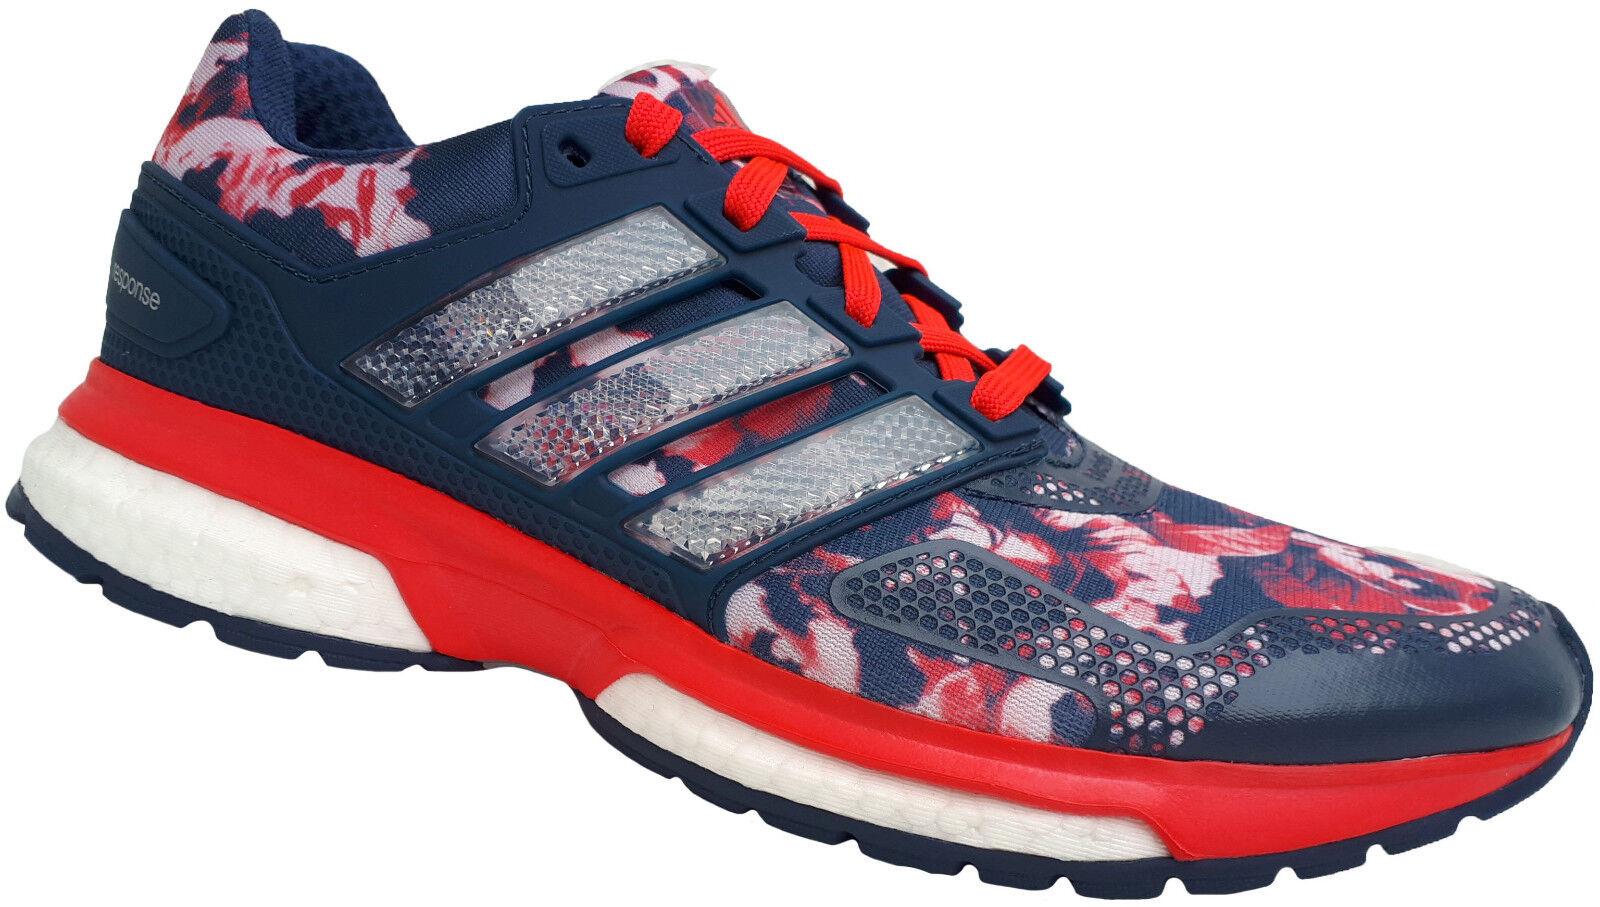 Adidas Response 2 2 2 Graphic W Boost Damen Laufschuhe Sneaker Sport Fitness Schuhe a4cbb2